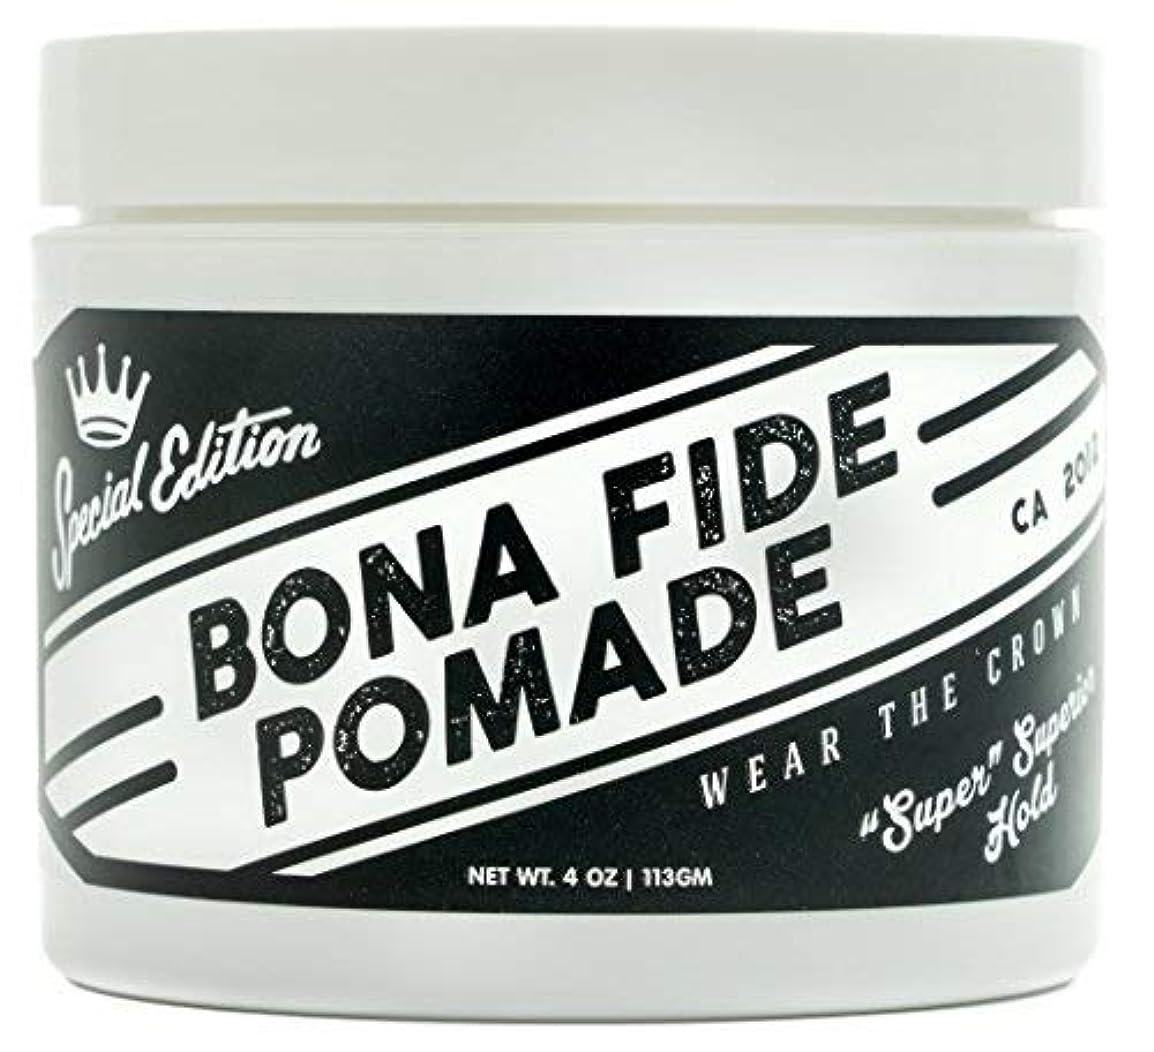 Bona Fide Pomade, スーパースーペリアホールドSE, 4OZ (113g)、水性ポマード/ヘアー グリース (整髪料)